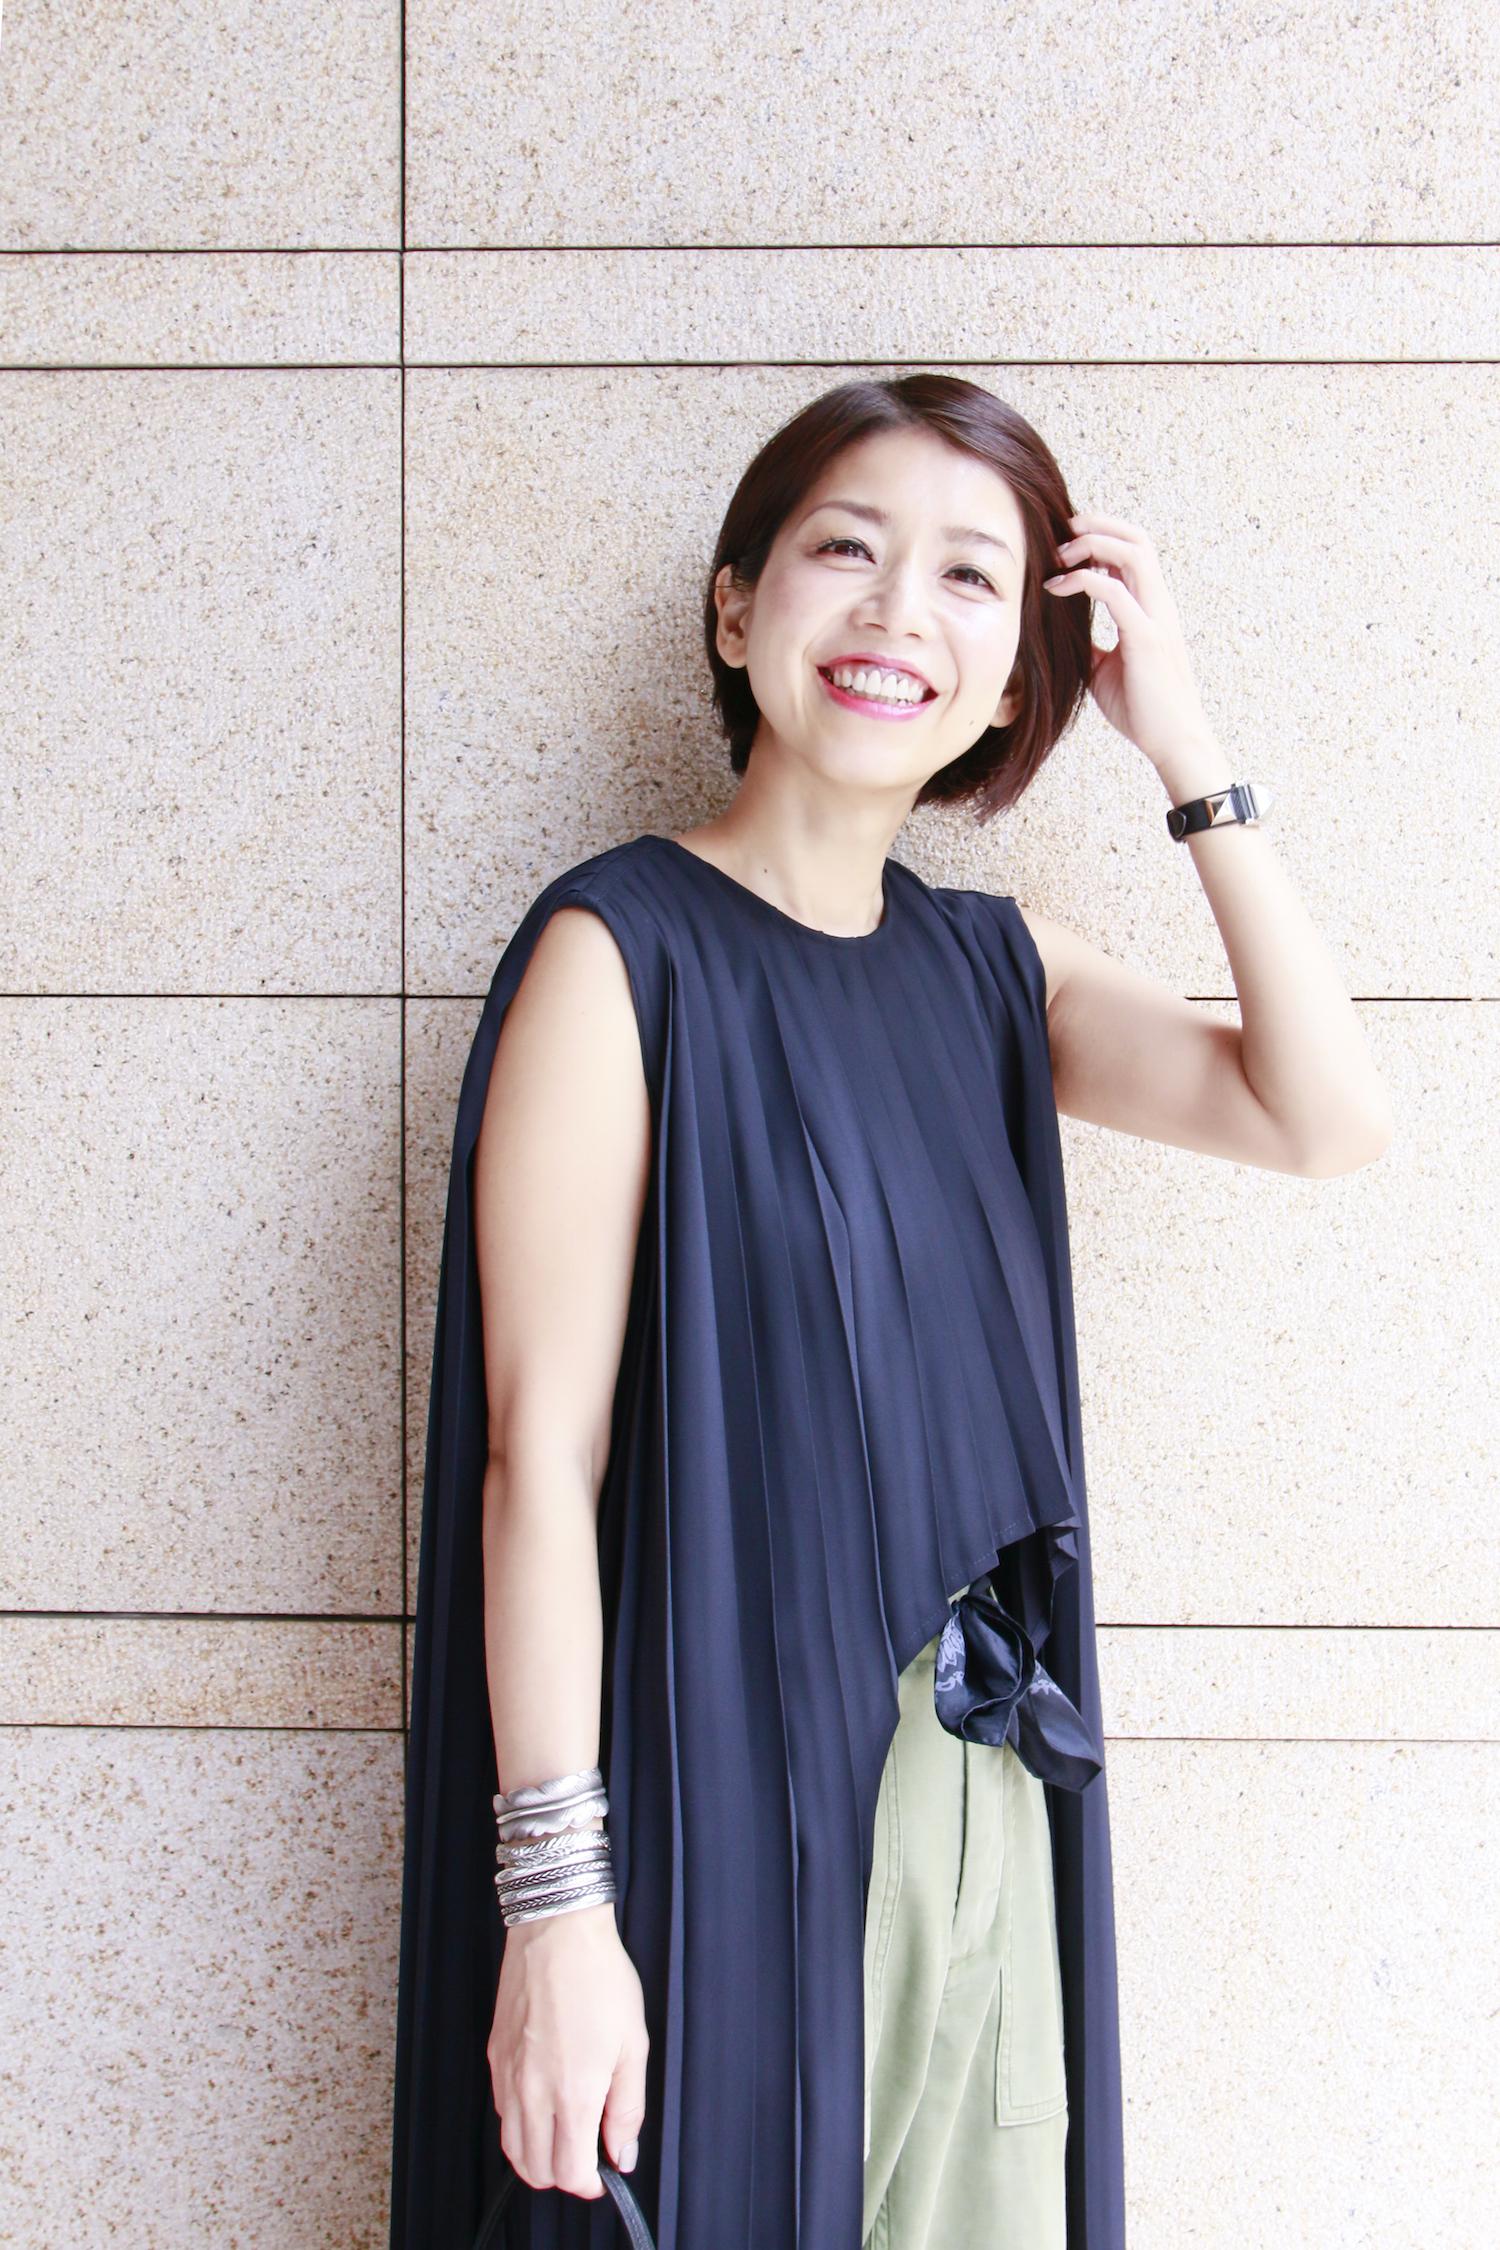 Fashionista_Hanae Nakajima_3